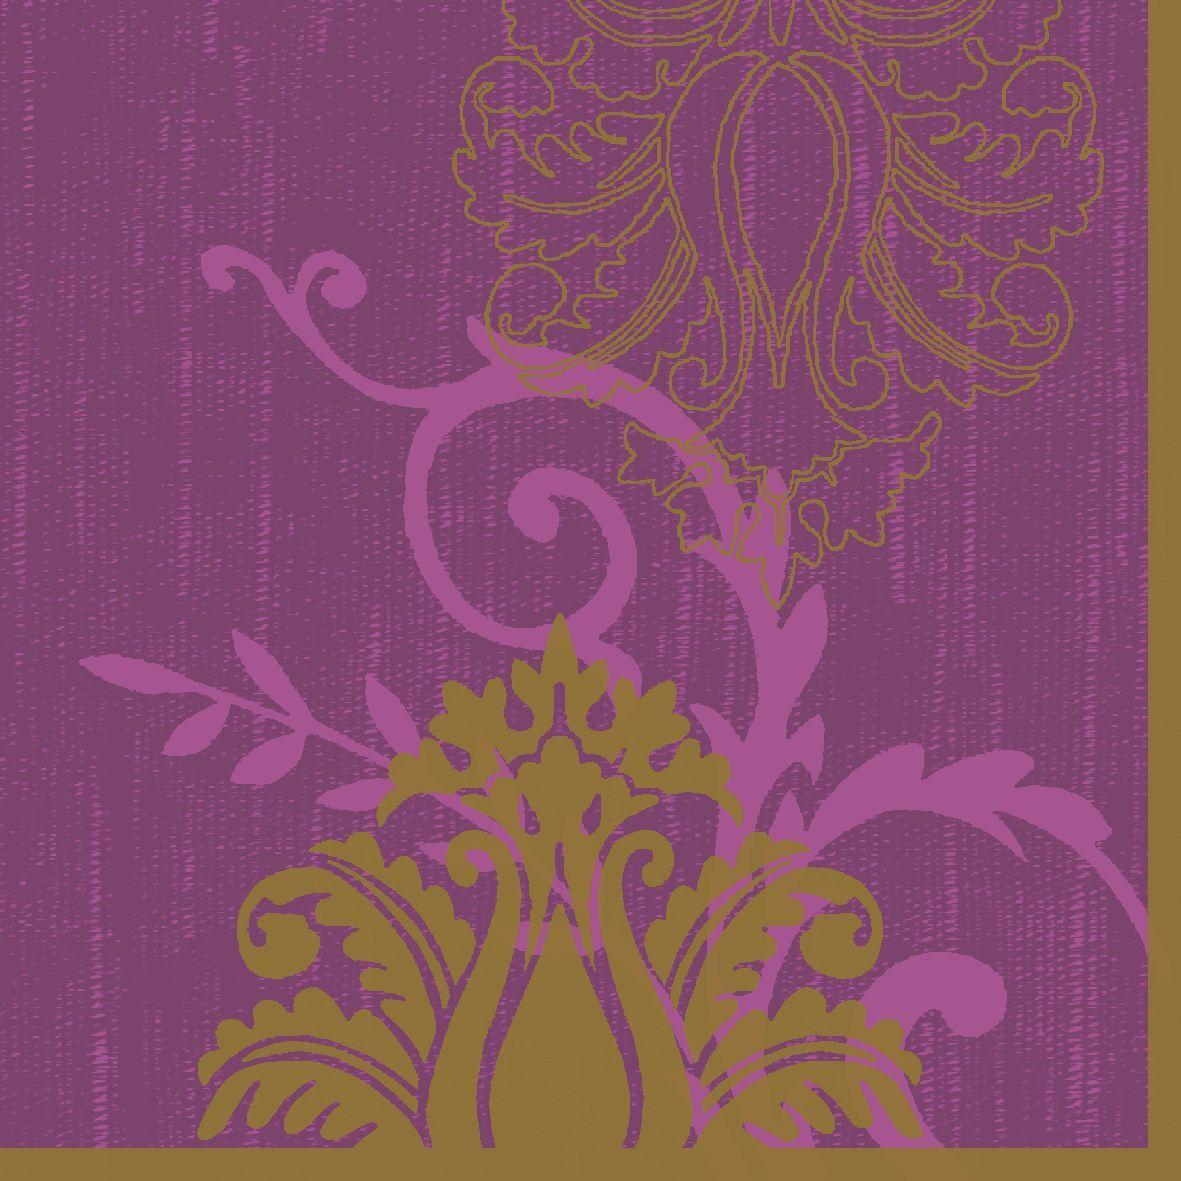 Салфетки бумажные Duni Lin Soft, цвет: фиолетовый, 40 см162746Трехслойные бумажные салфетки изготовлены из экологически чистого, высококачественного сырья - 100% целлюлозы. Салфетки выполнены в оригинальном и современном стиле, прекрасно сочетаются с любым интерьером и всегда будут прекрасным и незаменимым украшением стола.